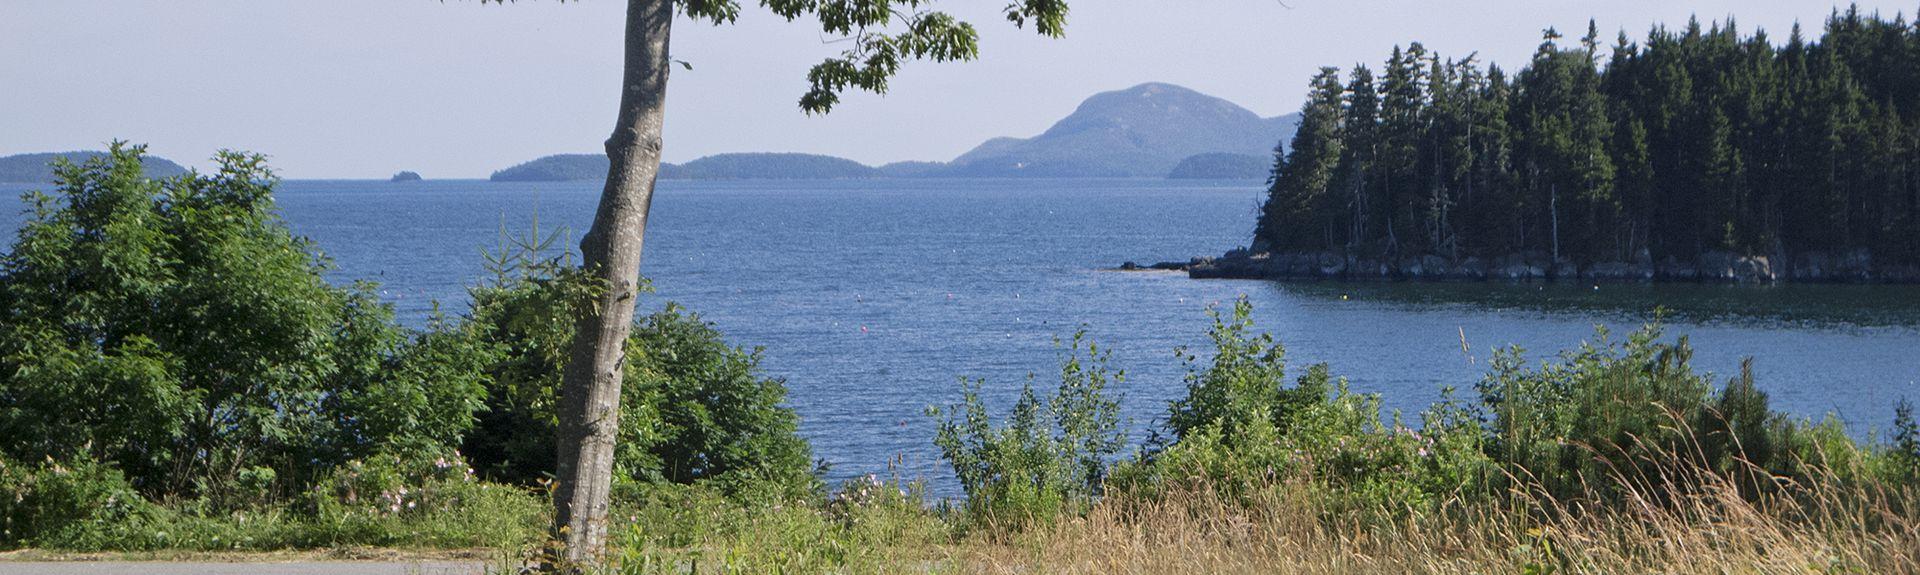 Asticou Azalea Garden, Northeast Harbor, Maine, États-Unis d'Amérique